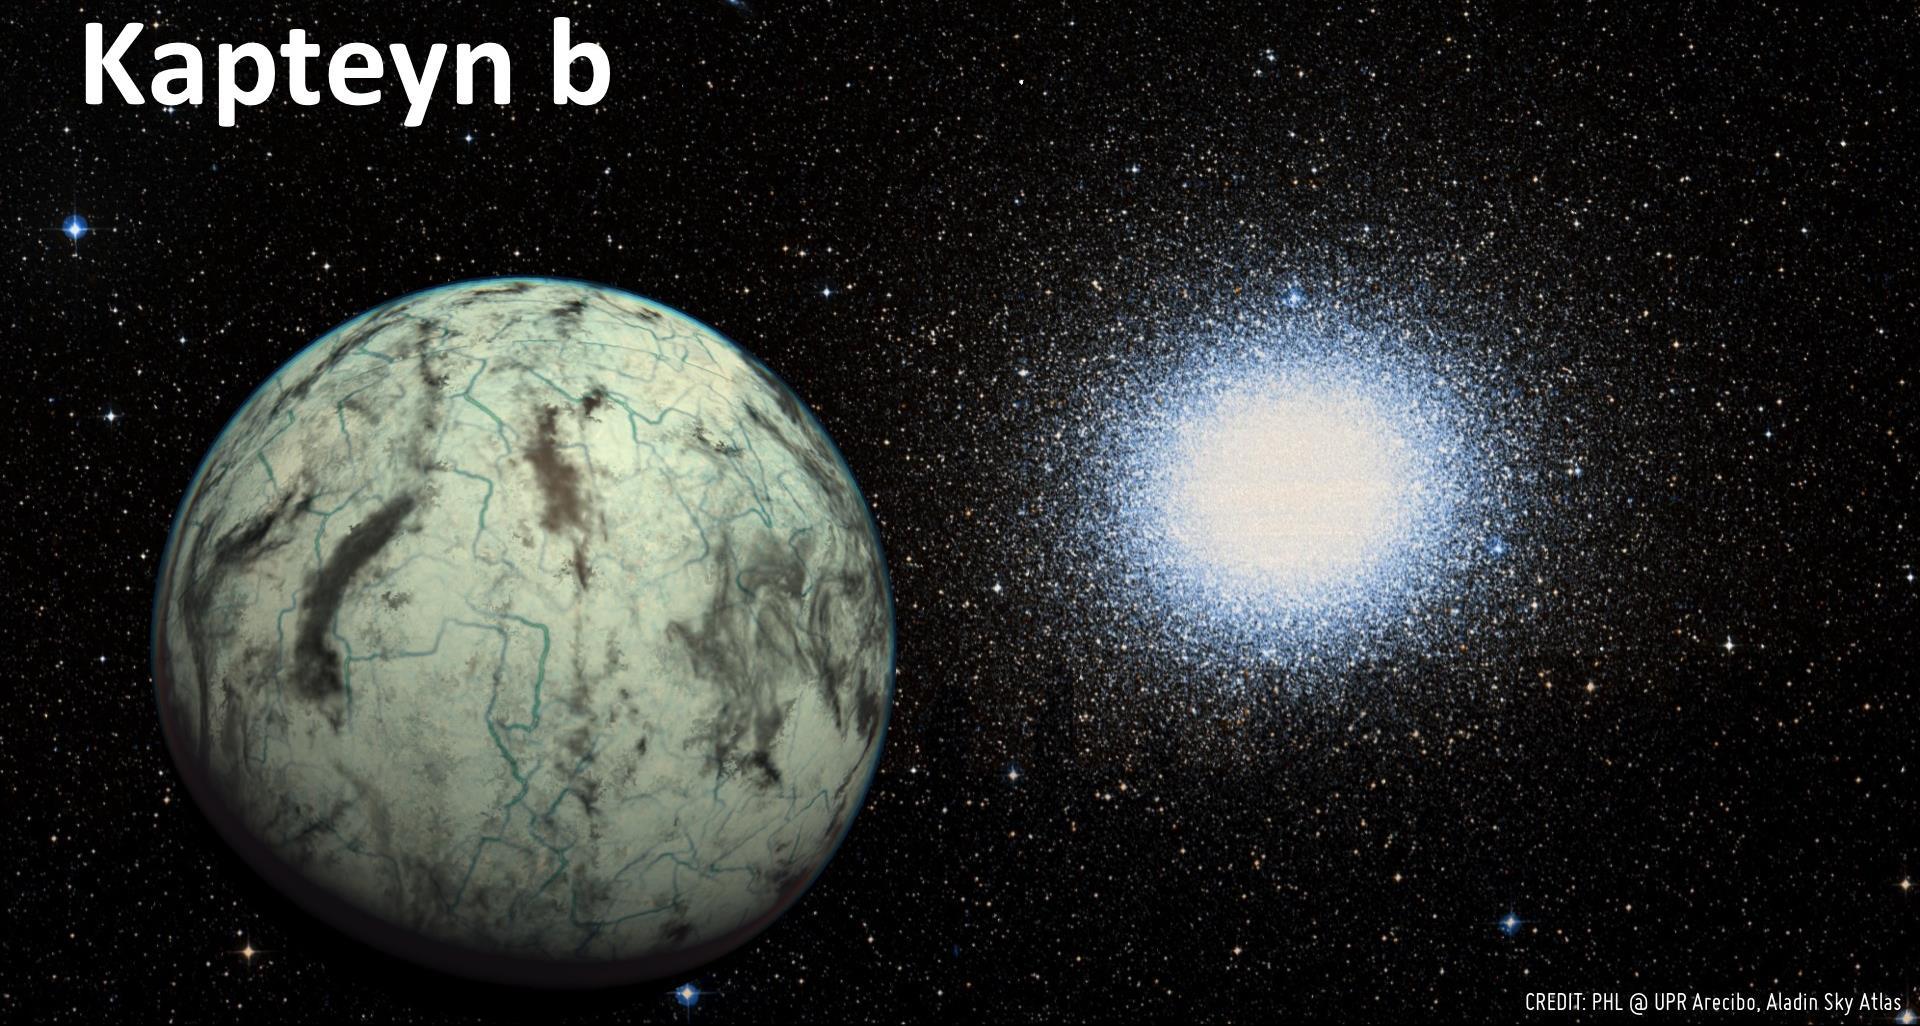 تصویری هنری از سیاره کهن Kapteyn b که فقط 13 سال نوری با زمین فاصله دارد.